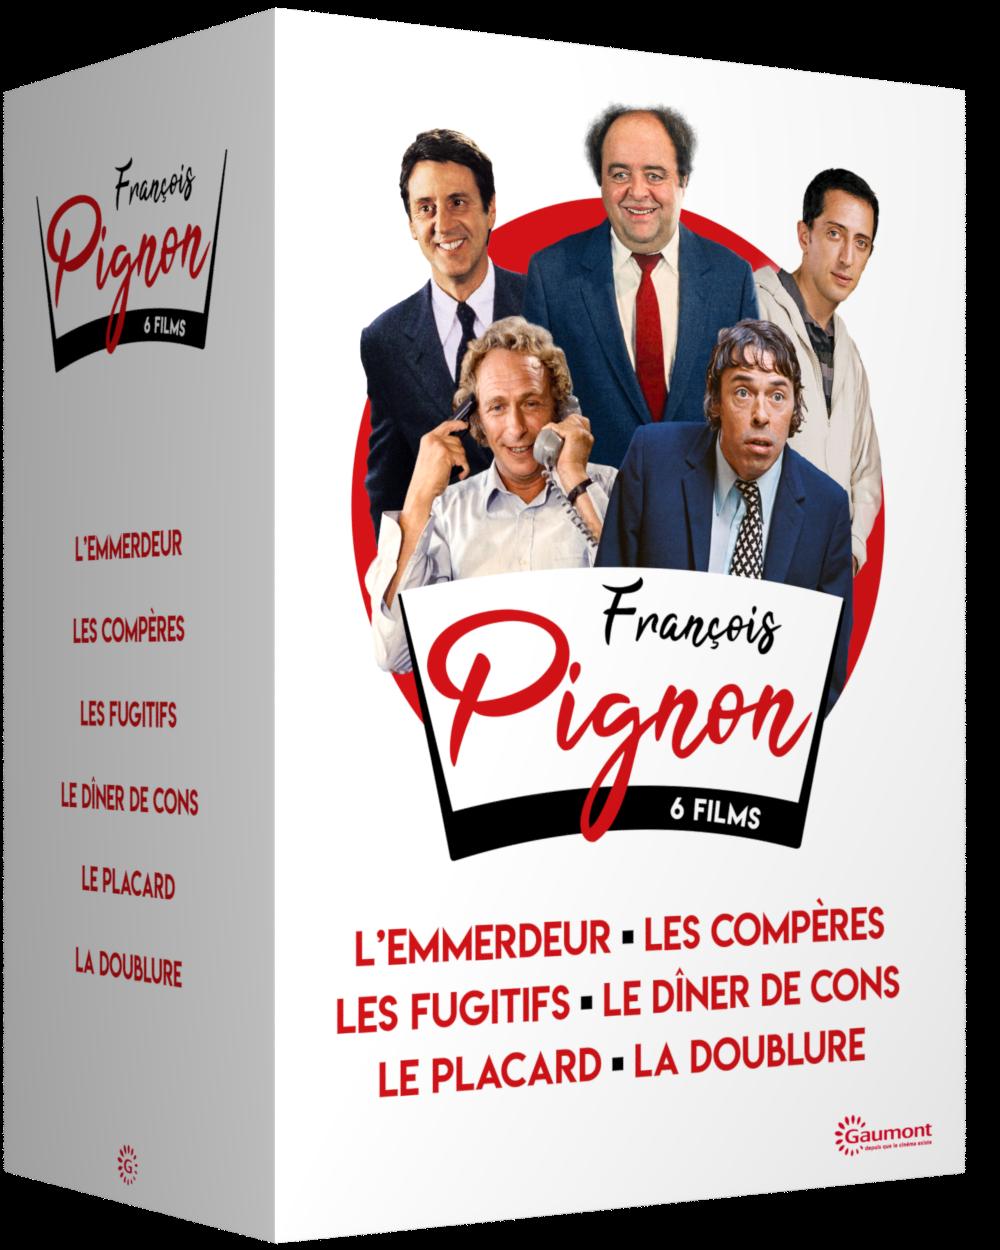 COFFRET FRANCOIS PIGNON - 6 DVD